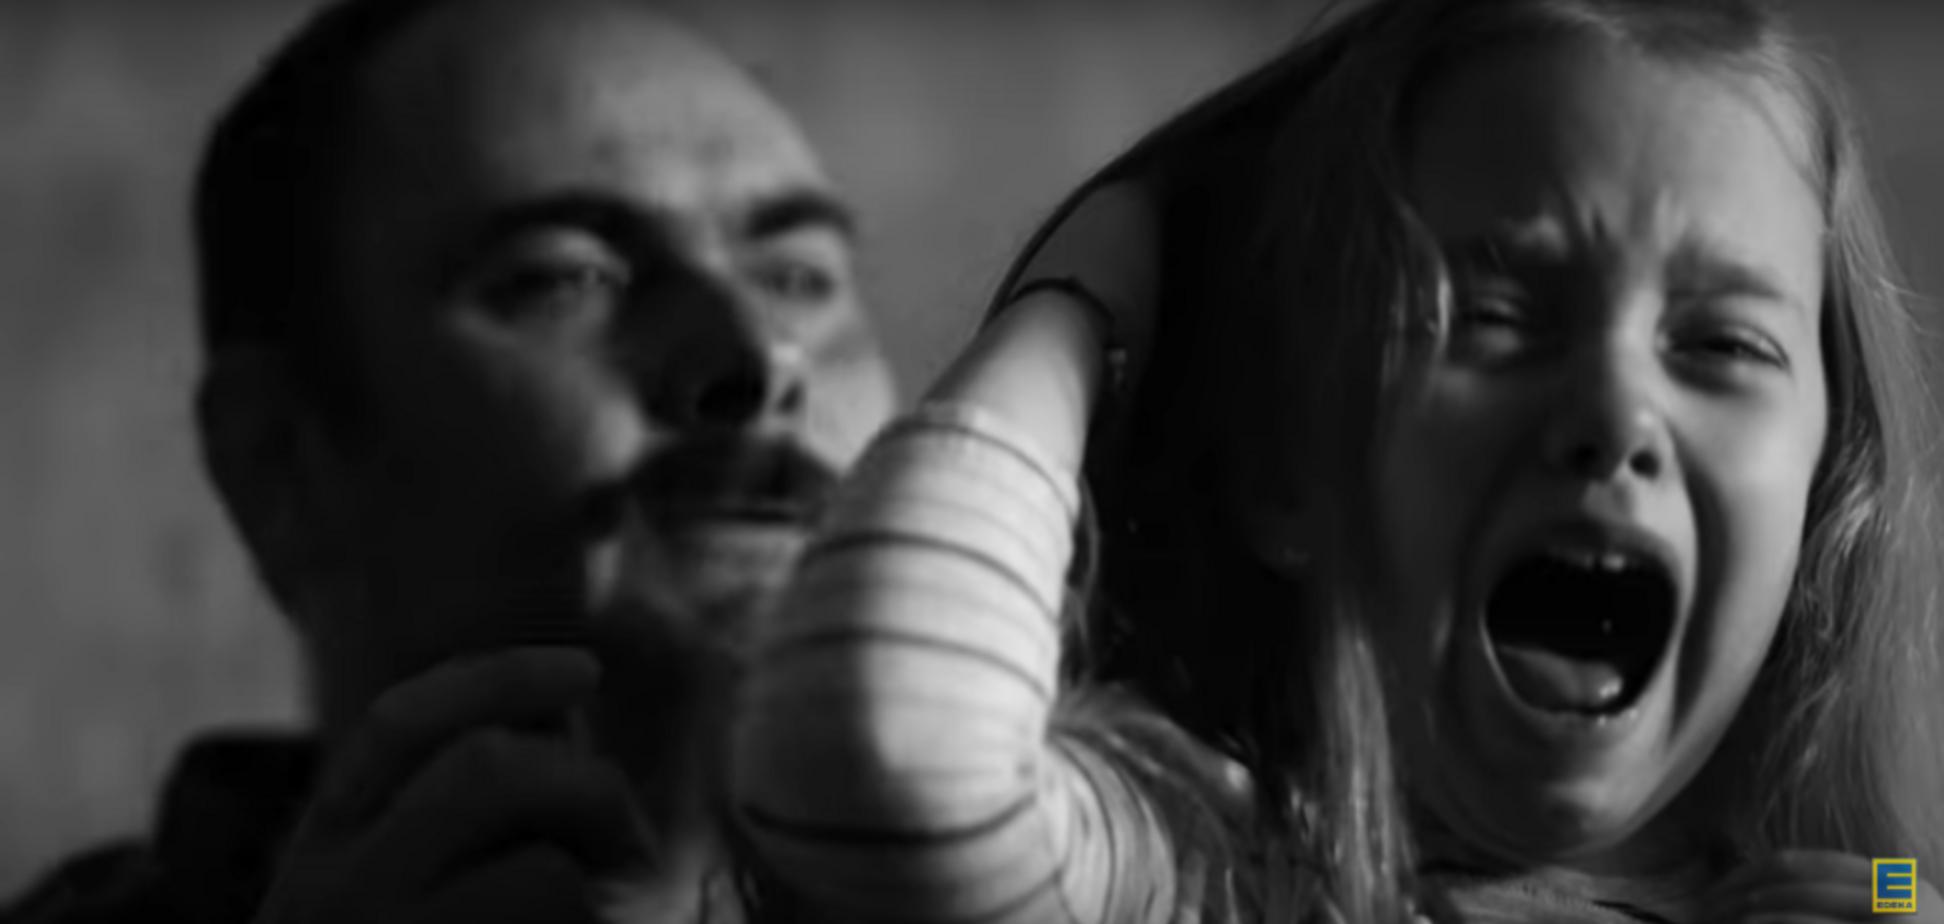 'Спасибо, что не папа': в Германии разгорелся громкий скандал из-за Дня матери. Видеофакт